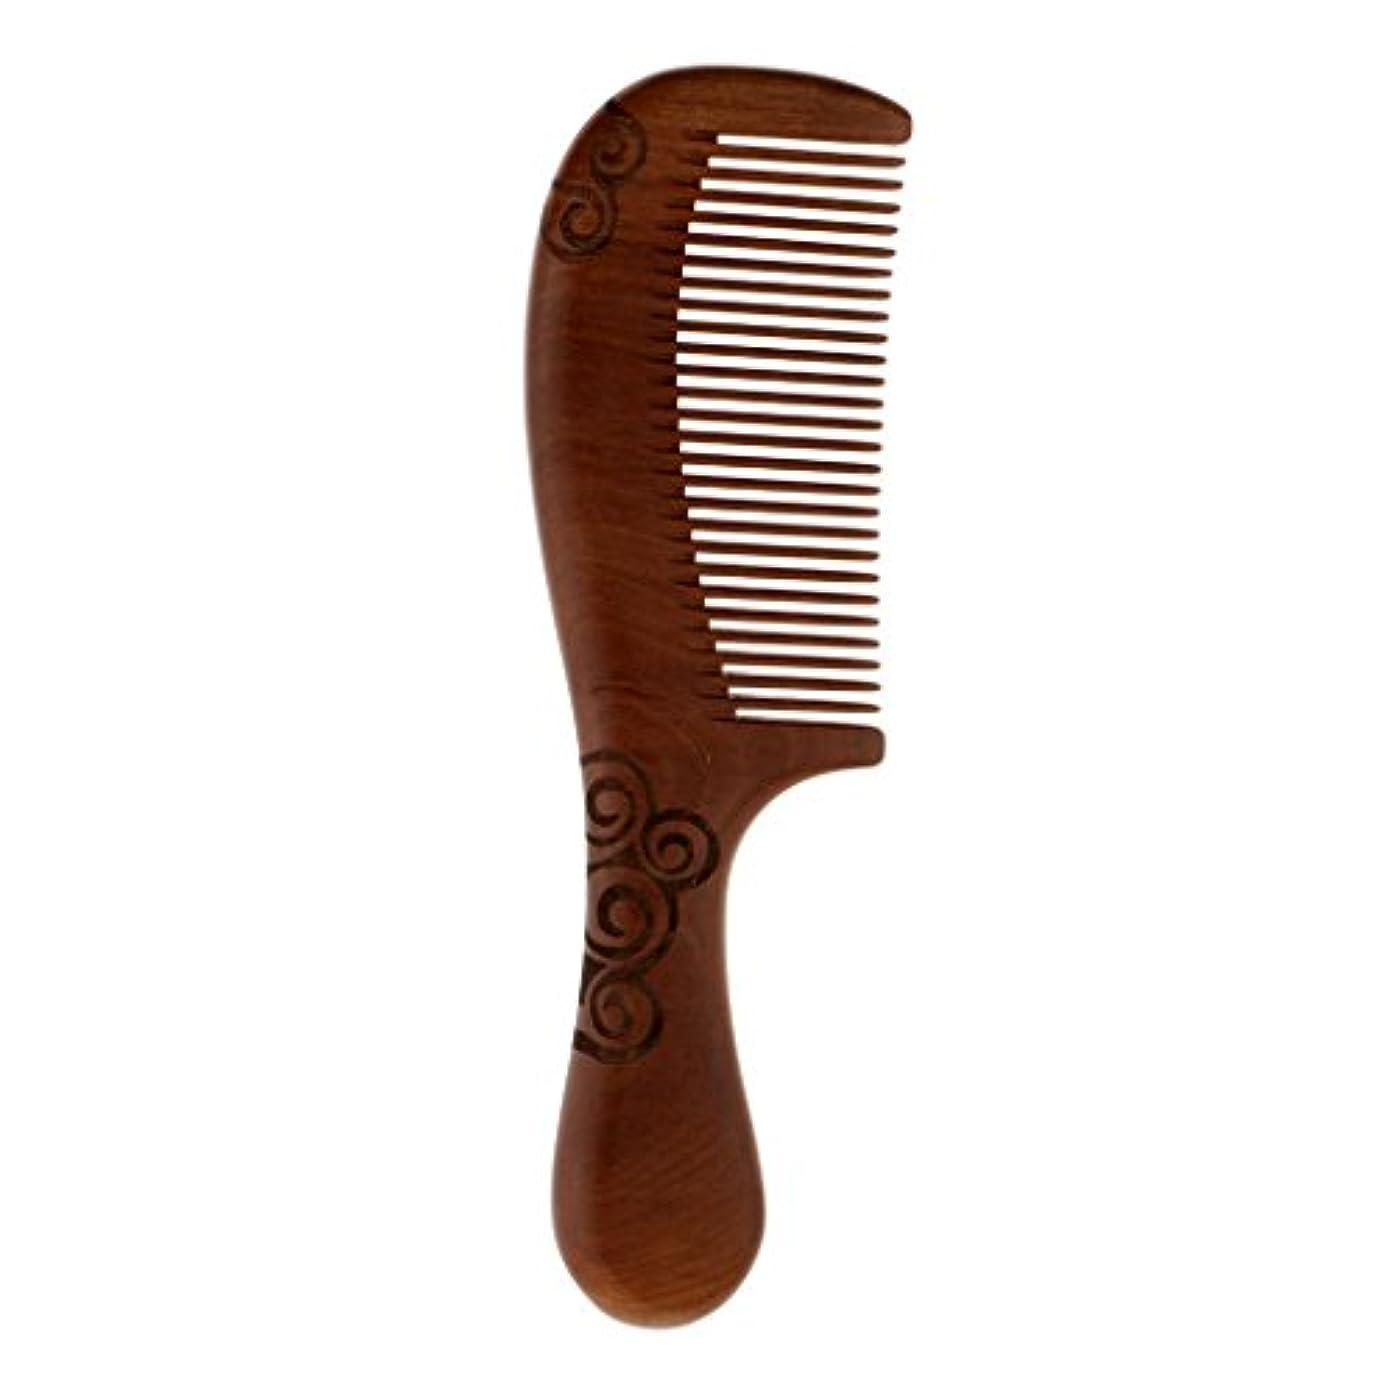 平行サーキットに行くかんたんヘアコーム 櫛 木製 美髪ケア 頭皮マッサージ 帯電防止 髪の櫛 ヘアケア 頭皮に優しい